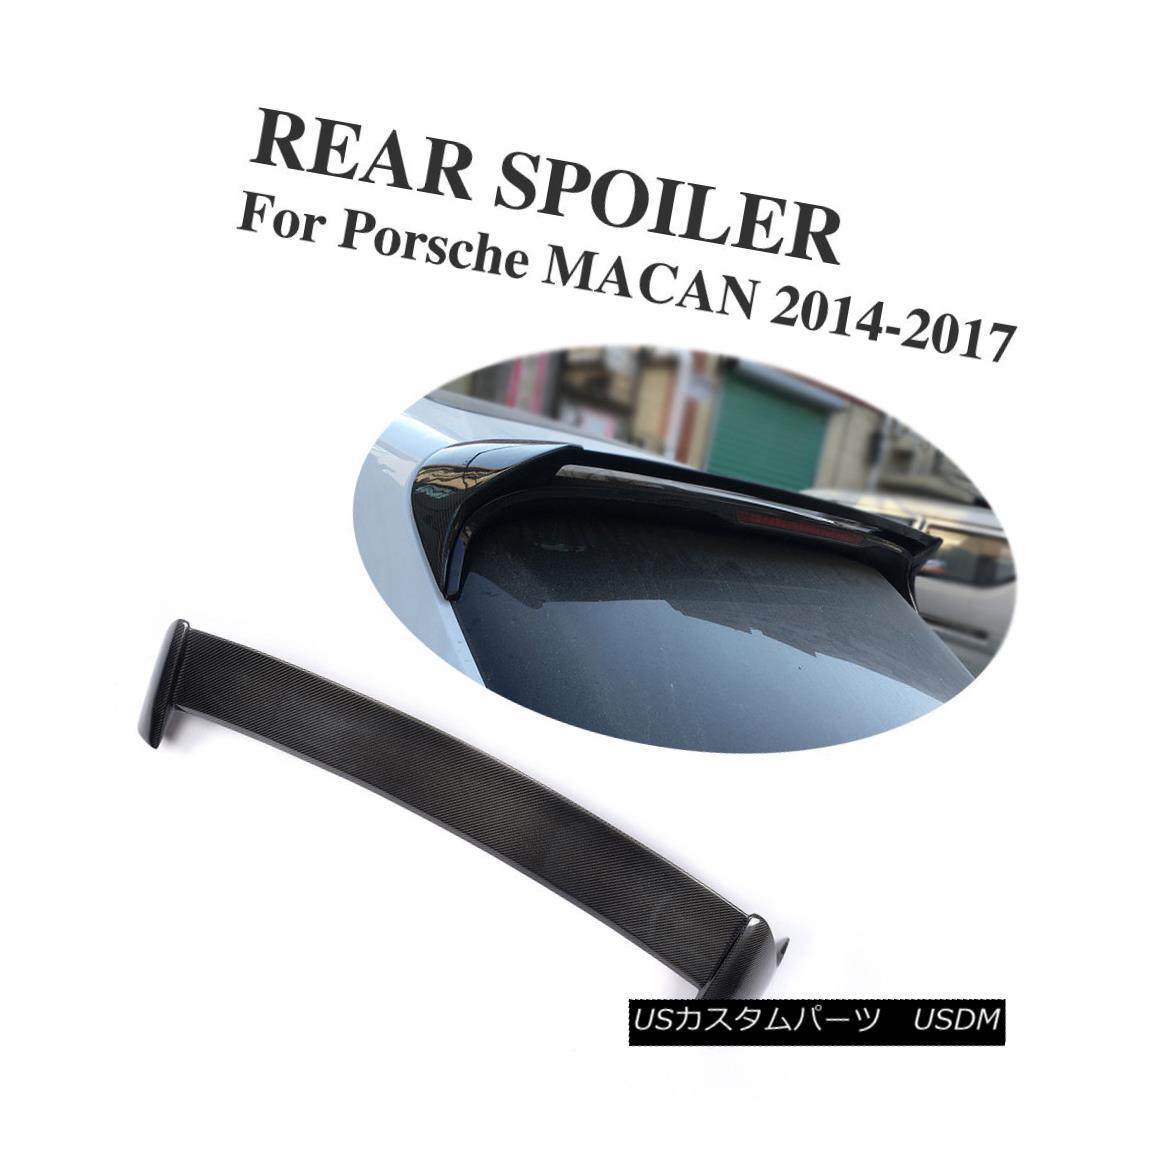 エアロパーツ Carbon Fiber Car Roof Spoiler Wing Fit For Porsche Macan Bumper Guard 2014-2017 ポルシェマカンバンパーガード2014-2017のカーボンファイバーカールーフスポイラーウィングフィット